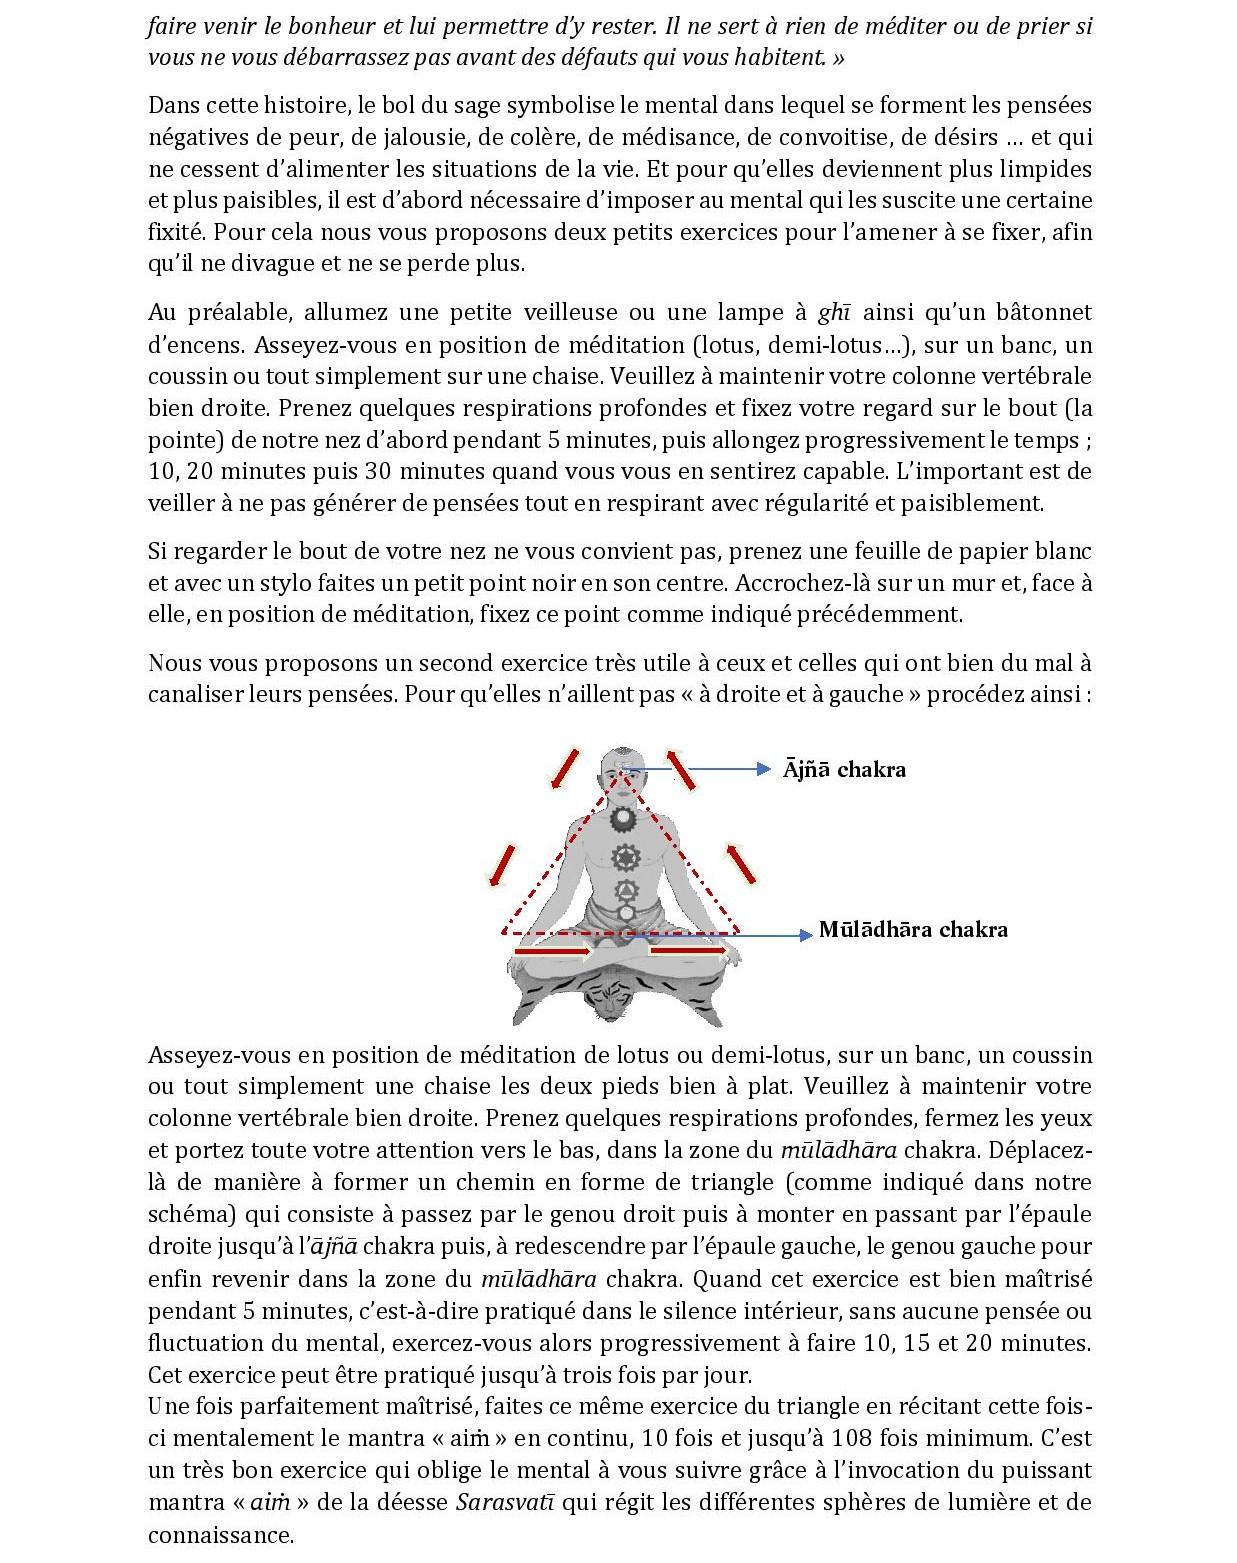 astrologie indienne et coronavirus def 333-page-003